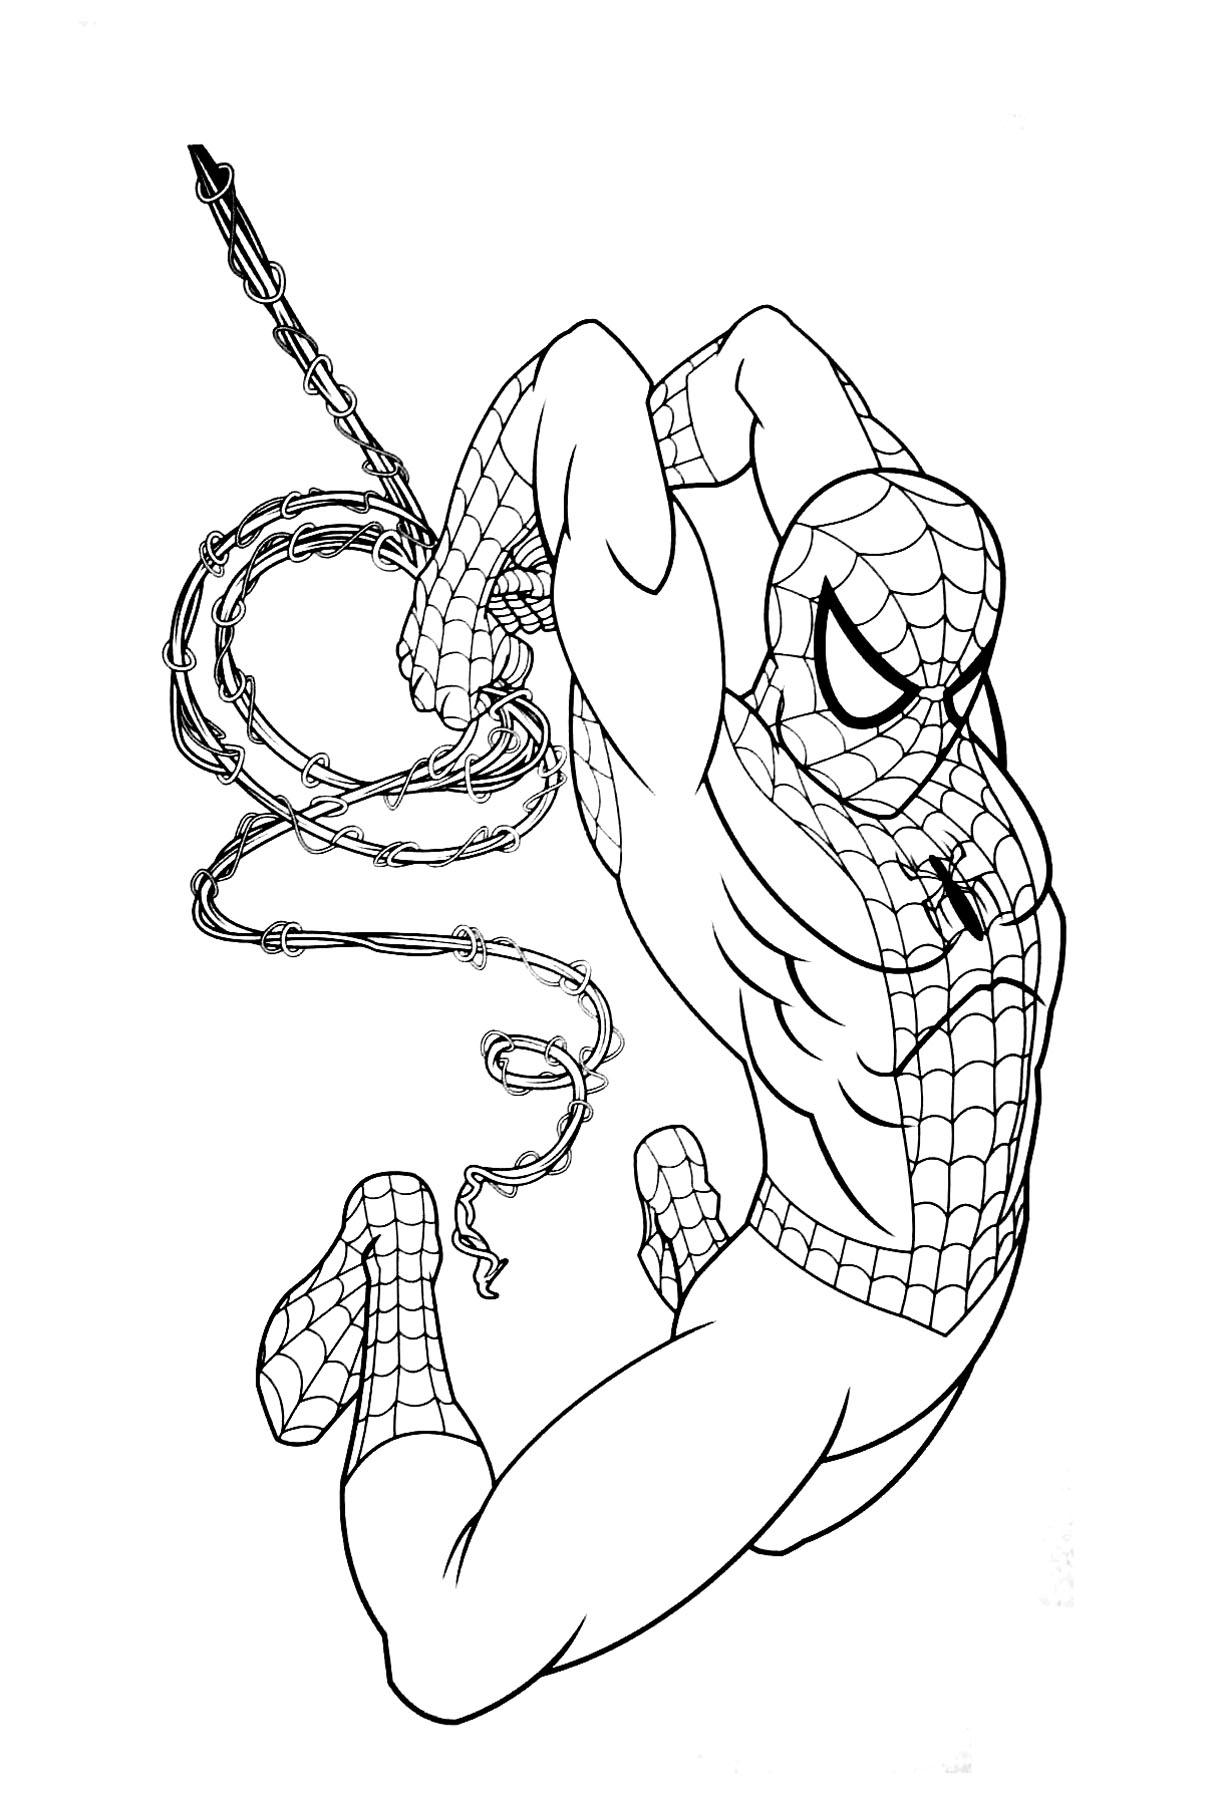 167 dibujos de spiderman para colorear oh kids page 2 - Dessiner spiderman facile ...